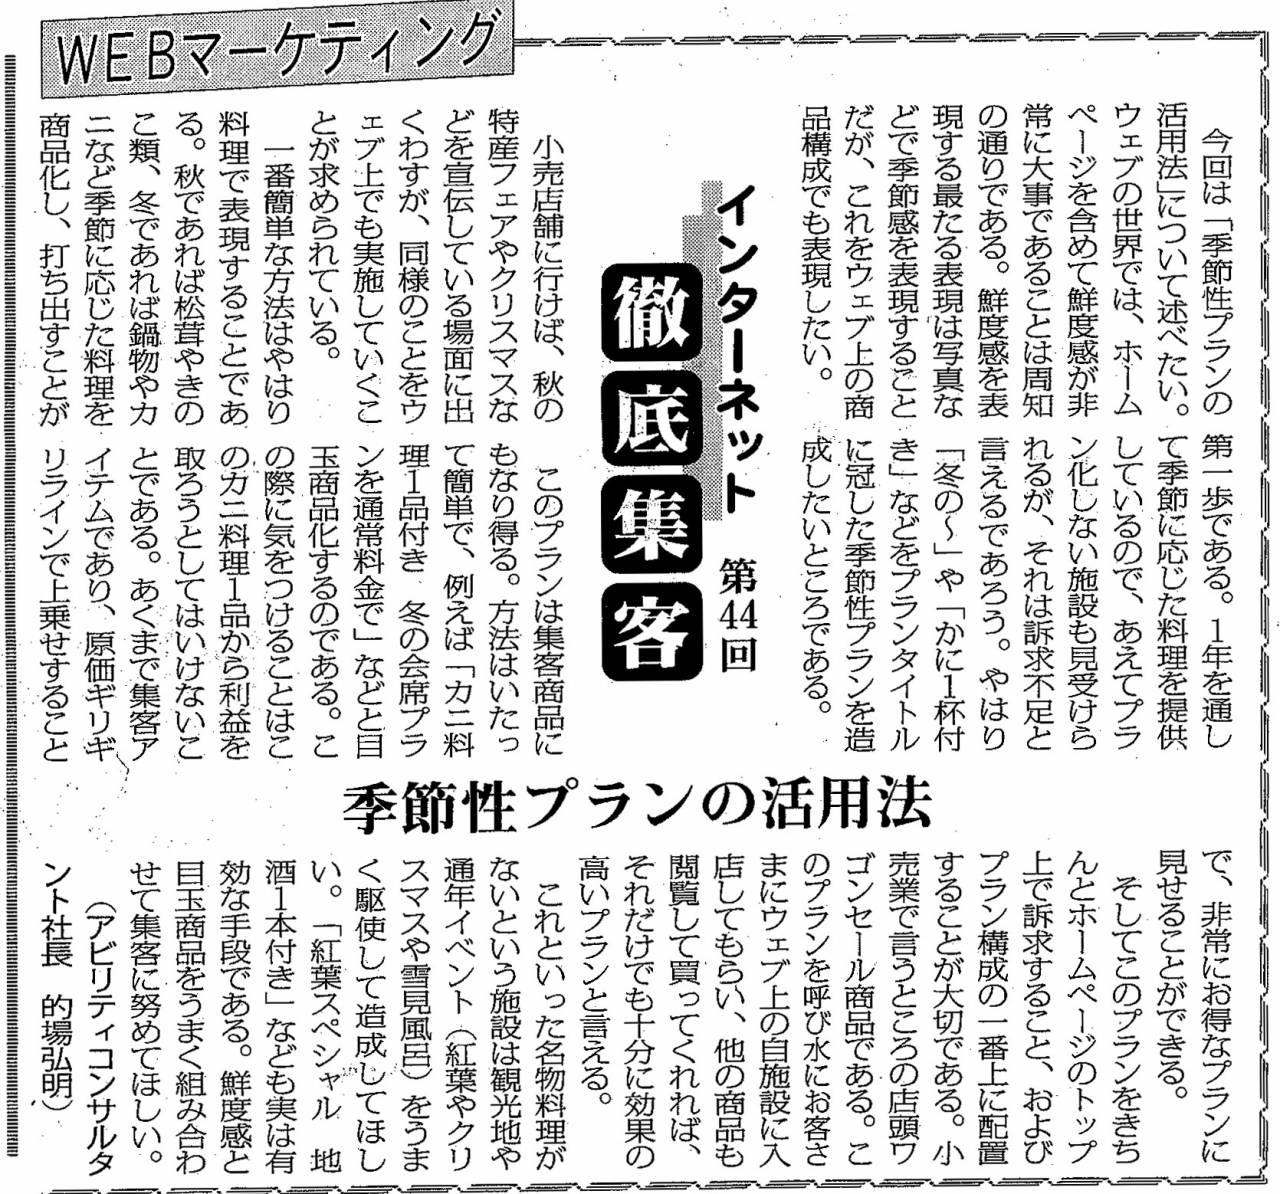 【第44回】WEBマーケティング 季節性プランの活用法